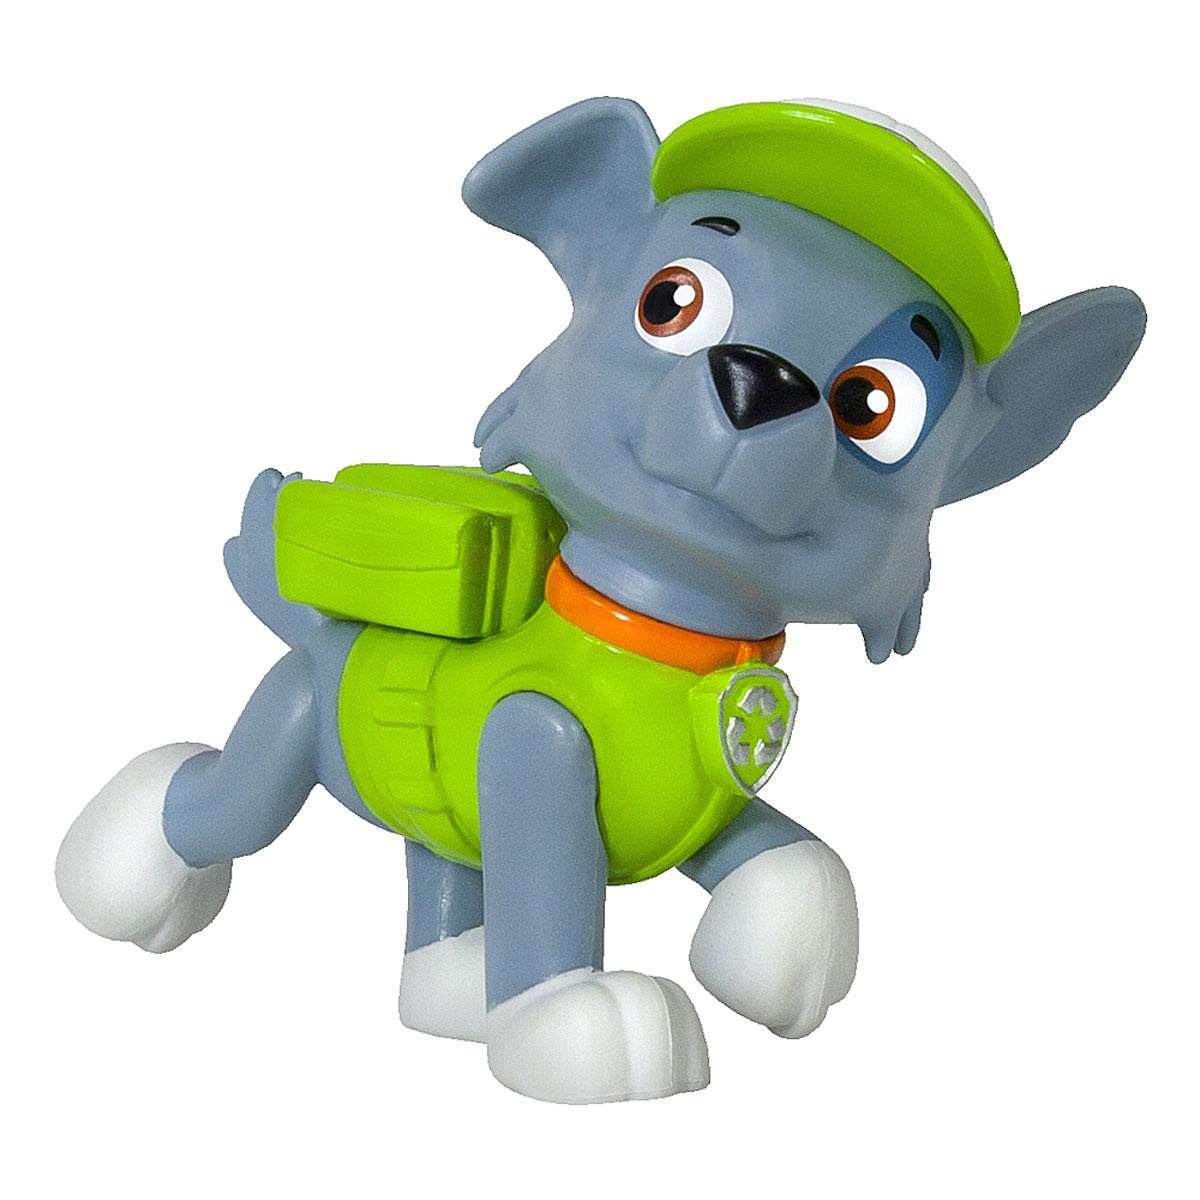 Paw Patrol Фигурка Rocky16612 RockyФигурка Paw Patrol Rocky станет отличным подарком для маленьких поклонников мультсериала Щенячий патруль. Рокки это беспородный щенок, отвечающий за ремонт и переработку отходов. Он всегда найдет что-нибудь для решения поставленной задачи, используя подручные материалы. Рокки отличается умом, сообразительностью и находчивостью, всегда полон энтузиазма. Вышеназванные качества делают щенка очень ценным членом команды. Фигурка выполнена из прочного высококачественного пластика в виде серого щеночка с рюкзаком и в кепке. Голова фигурки вращается. Ваш малыш сможет часами играть с этой очаровательной фигуркой, разыгрывая сценки из мультфильма, или придумывая собственные истории.